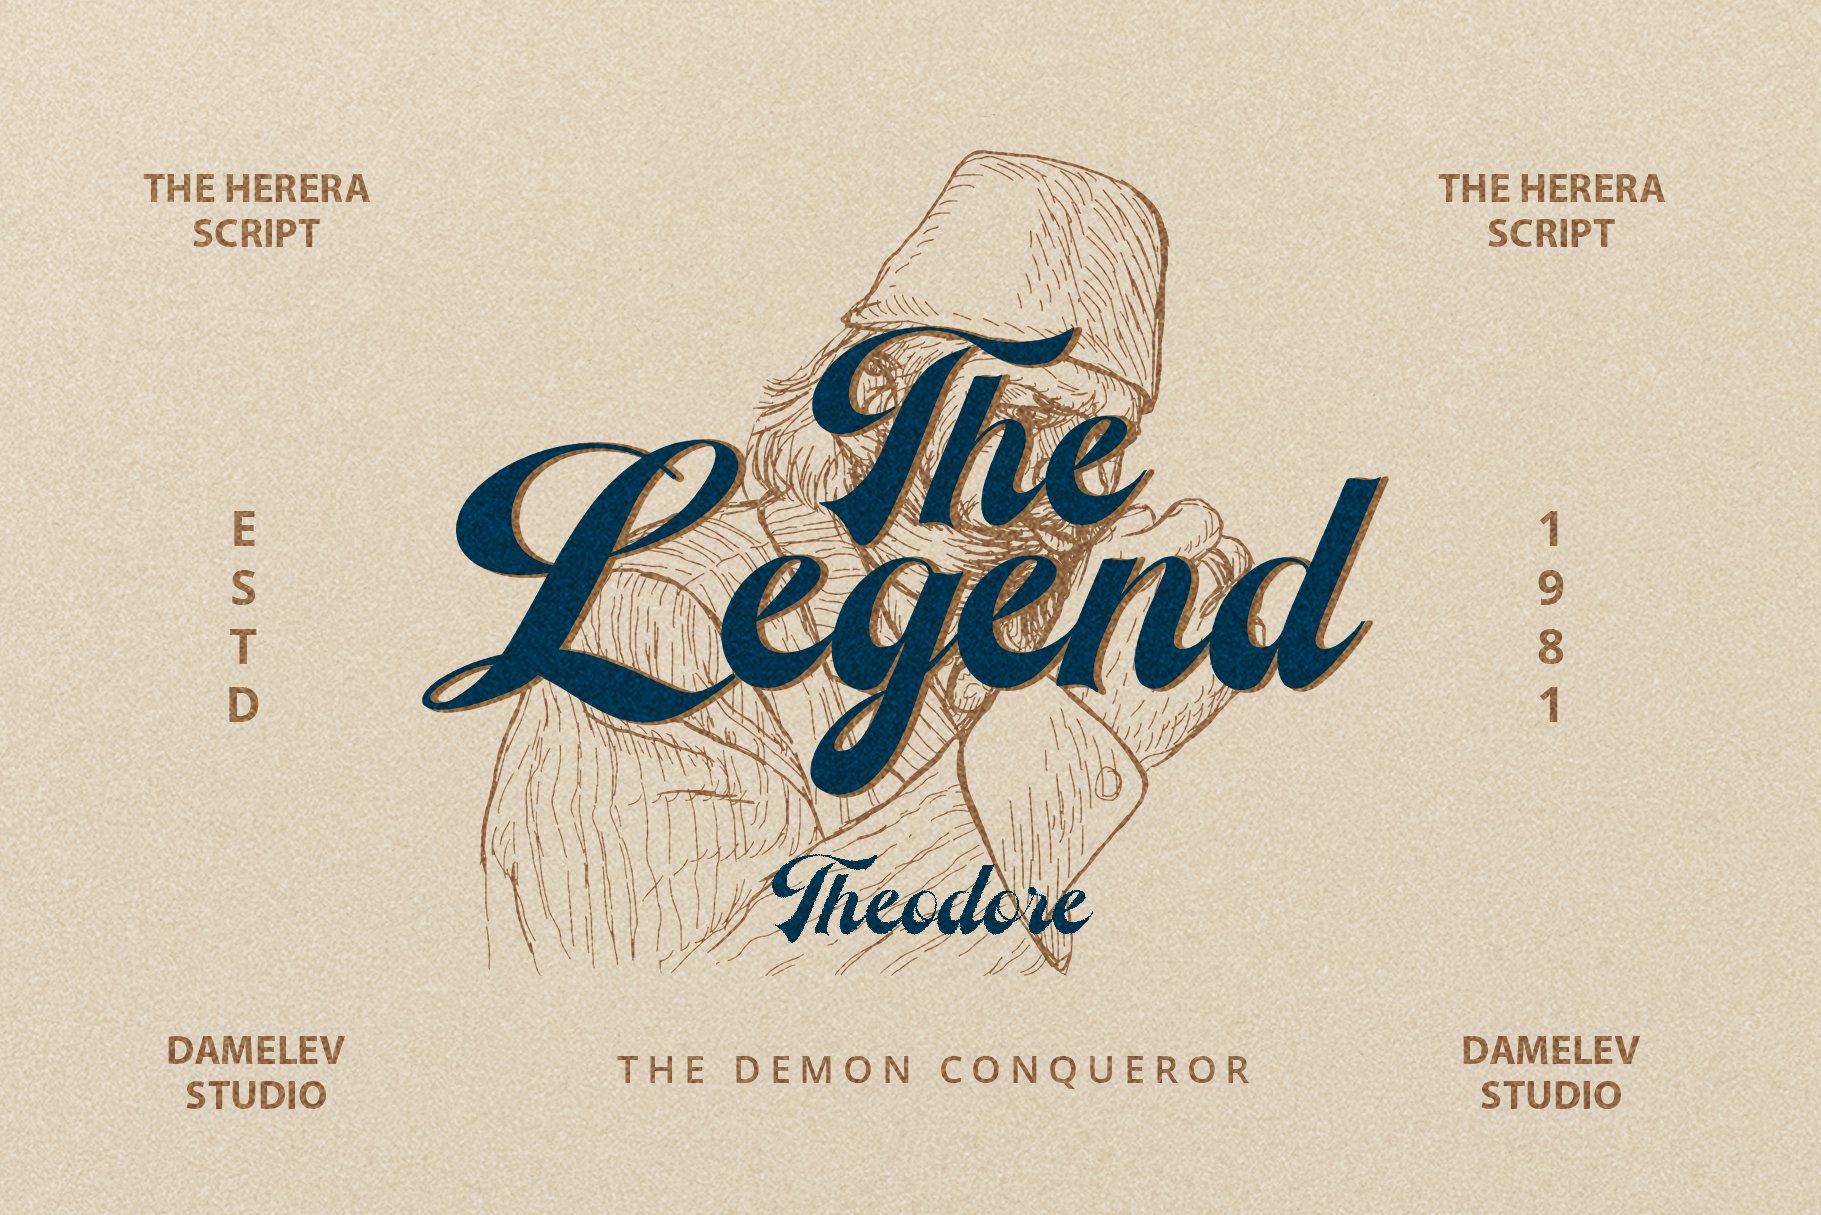 时尚复古海报标题徽标Logo手写英文字体设计素材 The Herera插图4